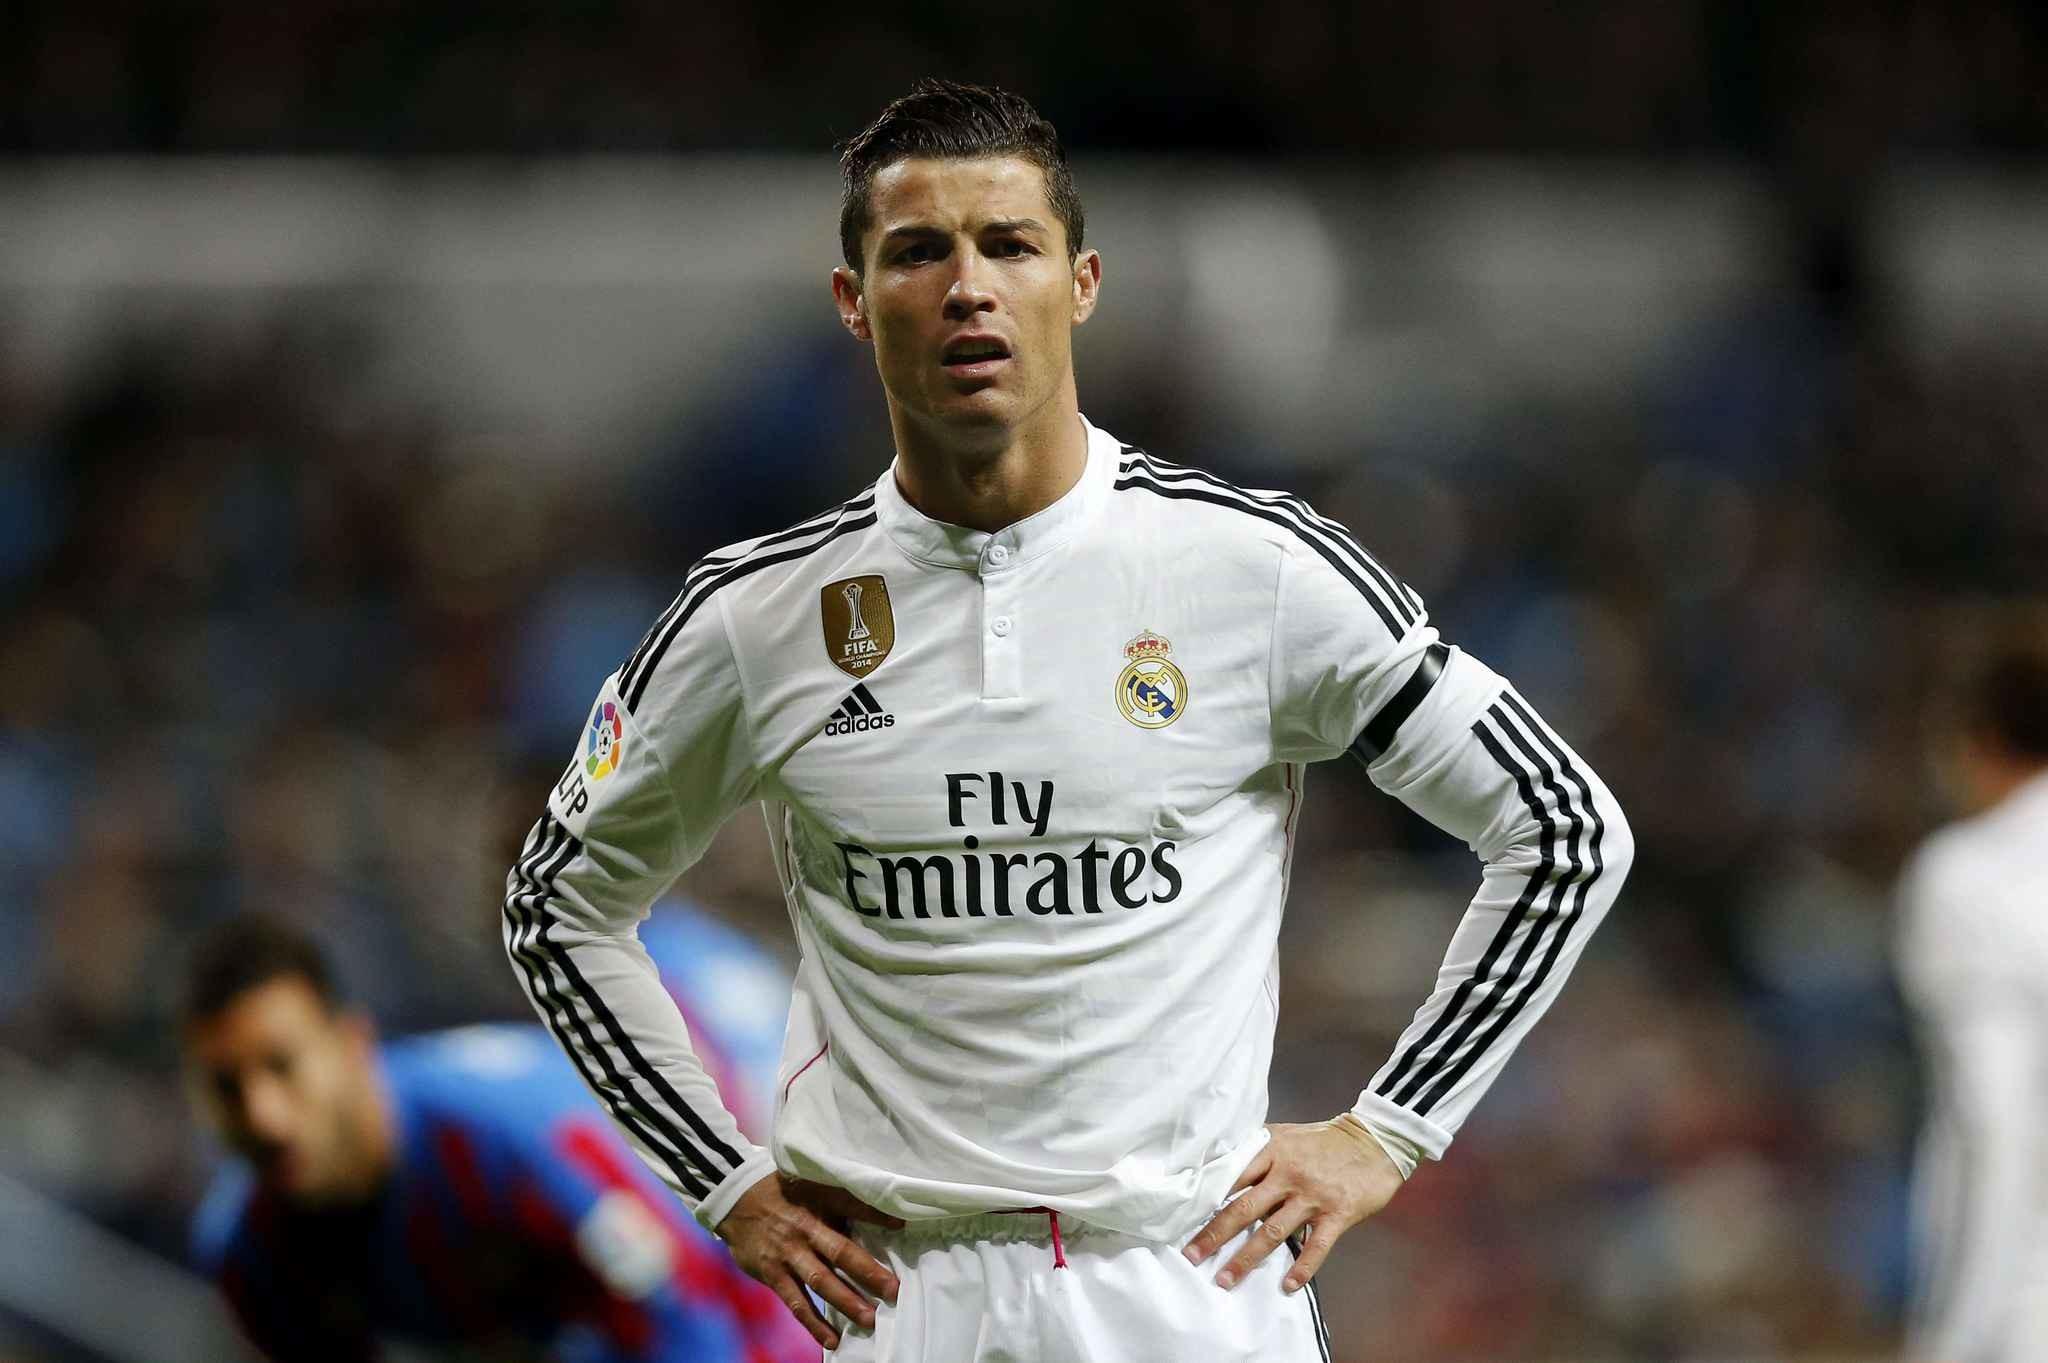 1920x1080 Gareth Bale Cristiano Ronaldo Hd Wallpaper